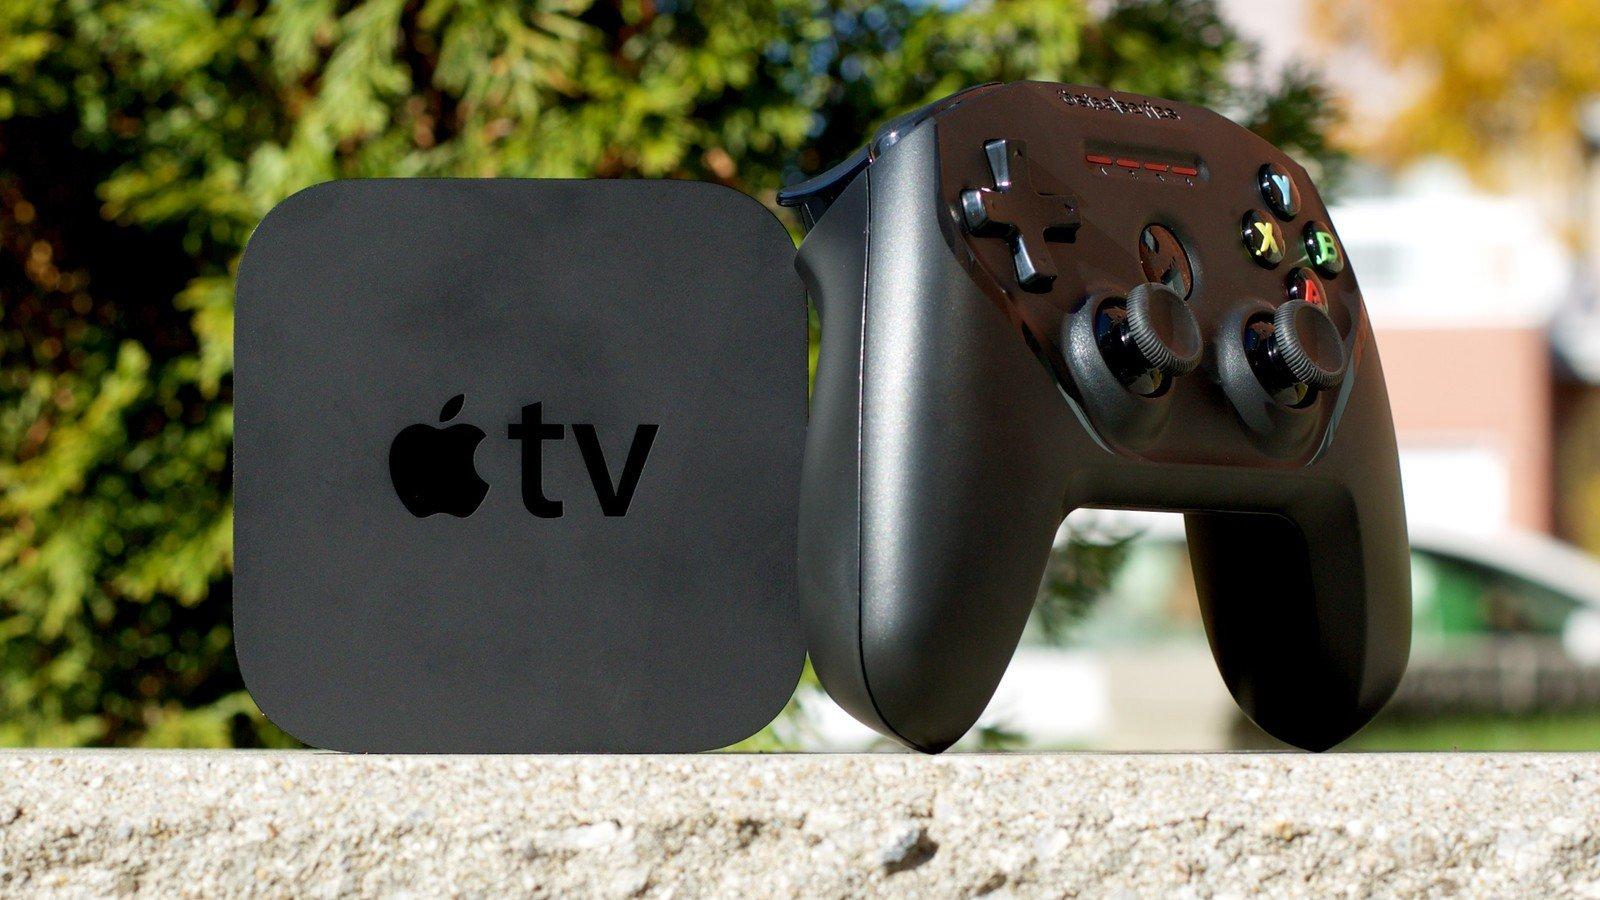 Héros de la manette Apple TV